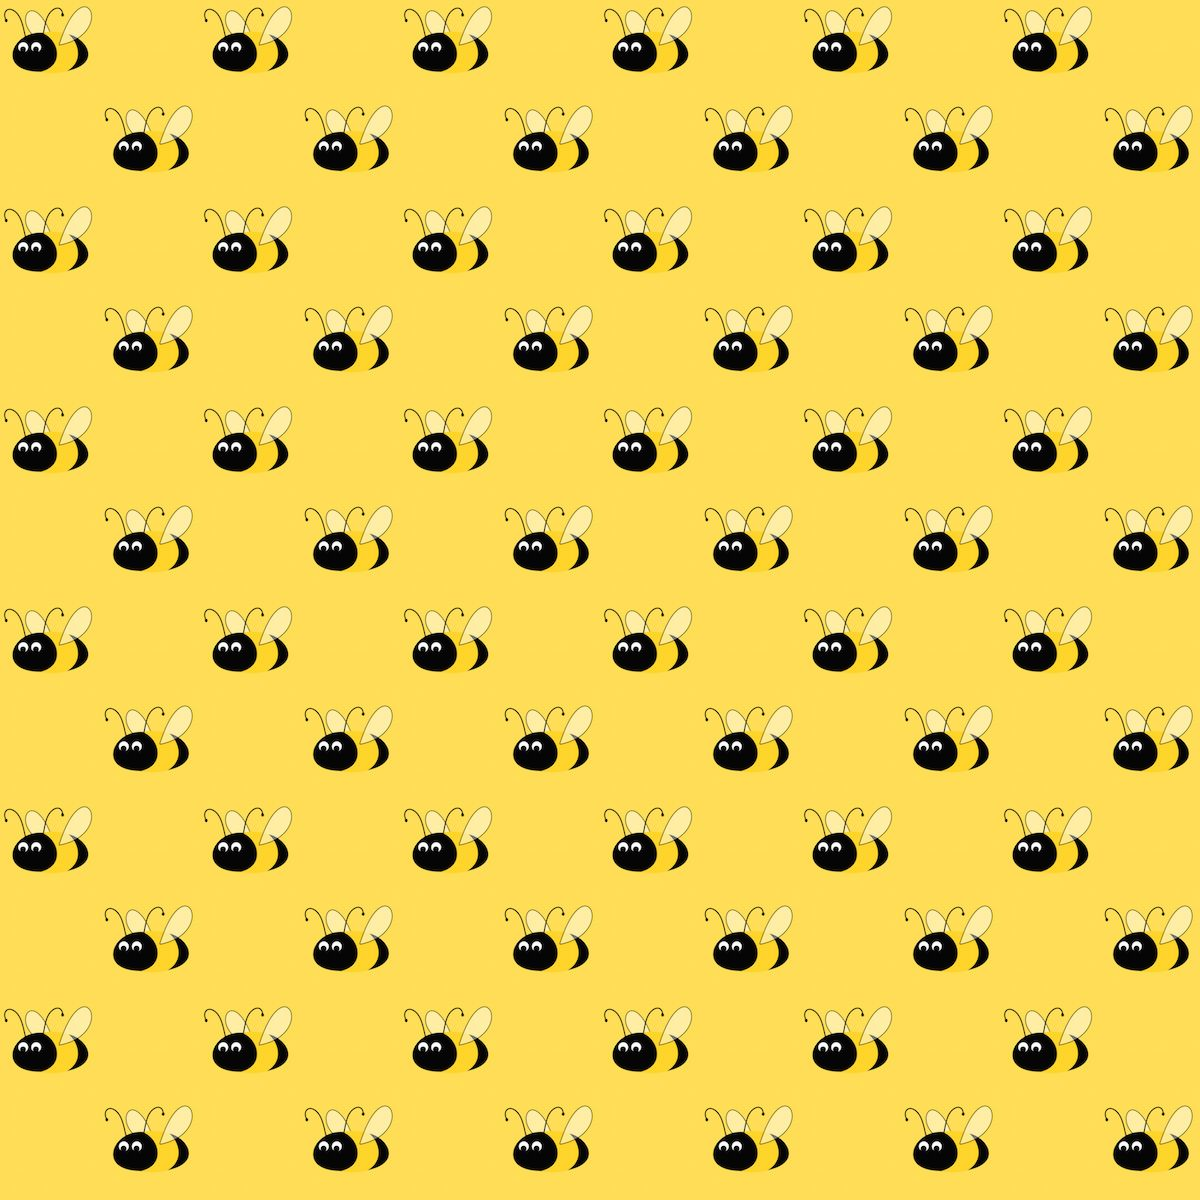 free digital bee scrapbooking paper digitales bienenmuster